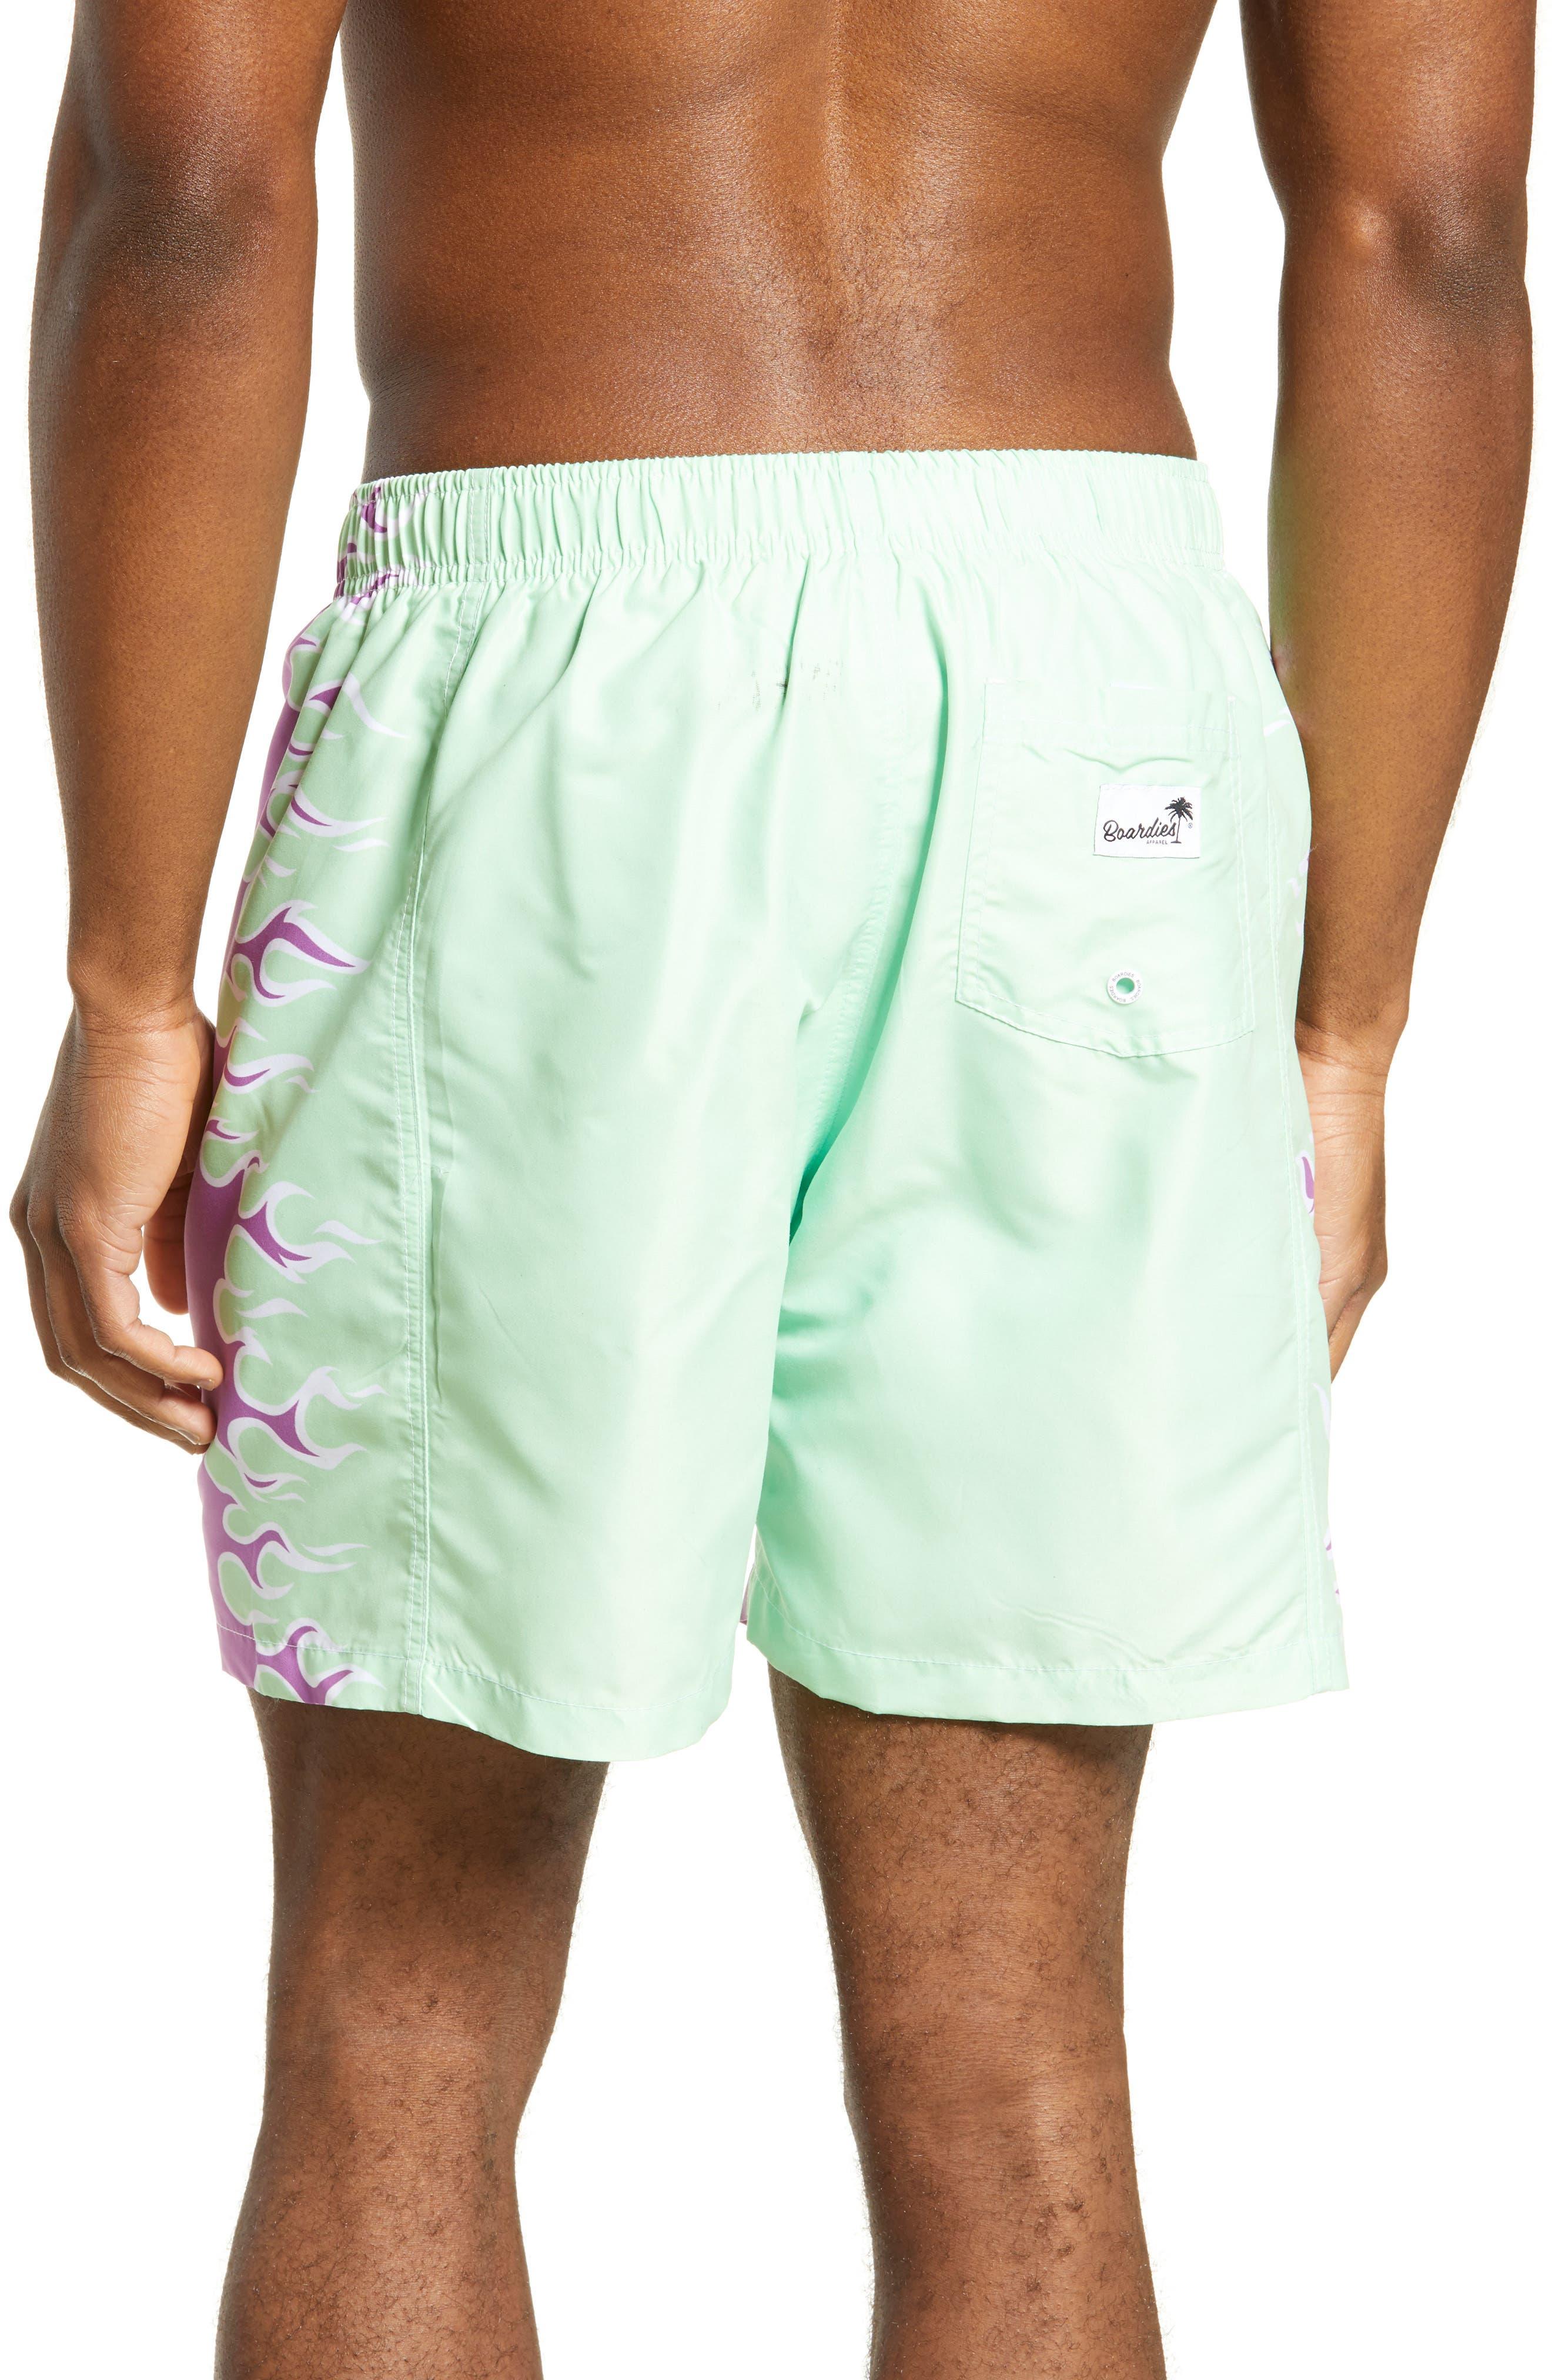 654fa69d65 Men's Boardies Swimwear, Boardshorts & Swim Trunks | Nordstrom